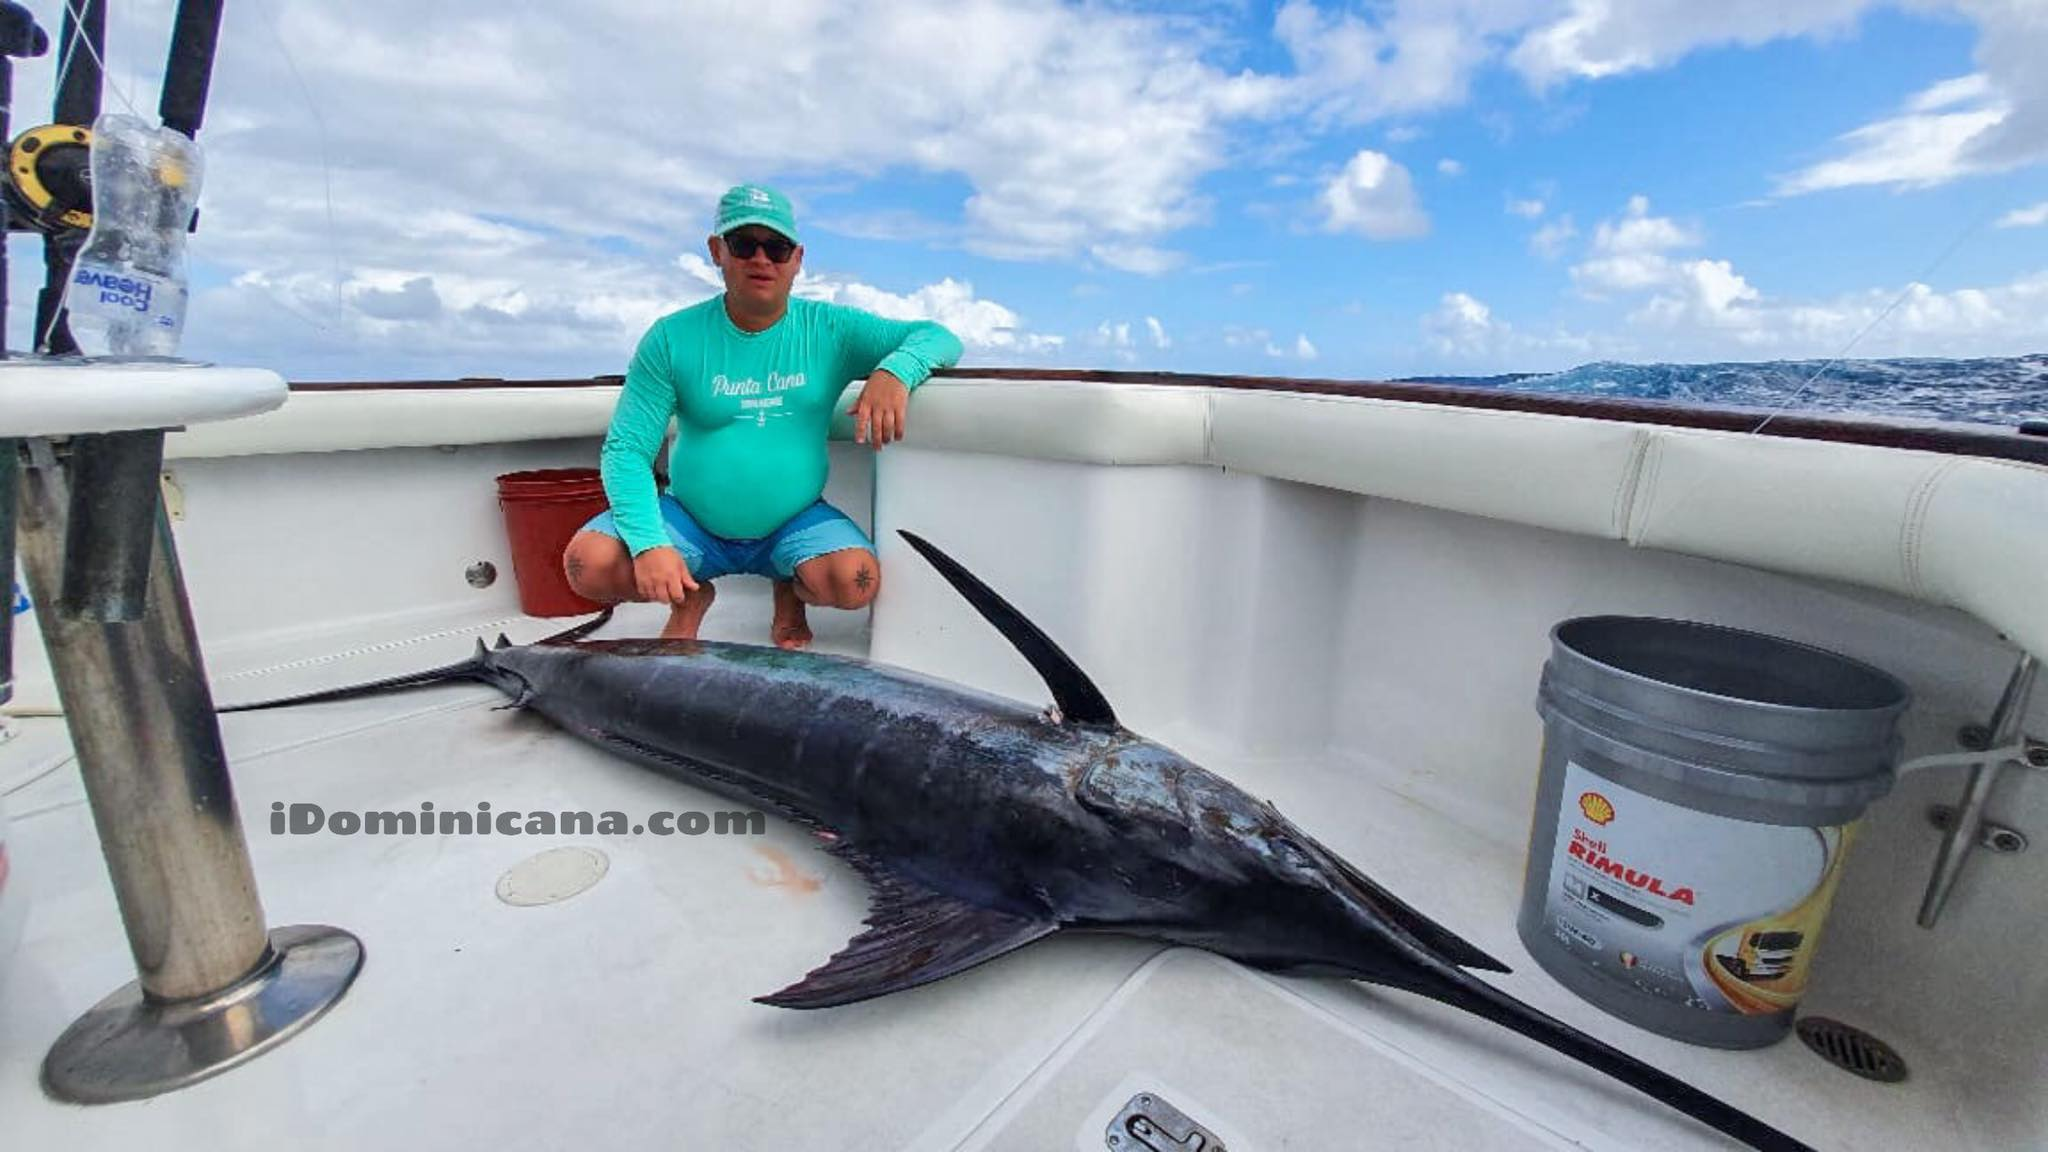 Стартовал сезон рыбалки на марлина в Доминикане